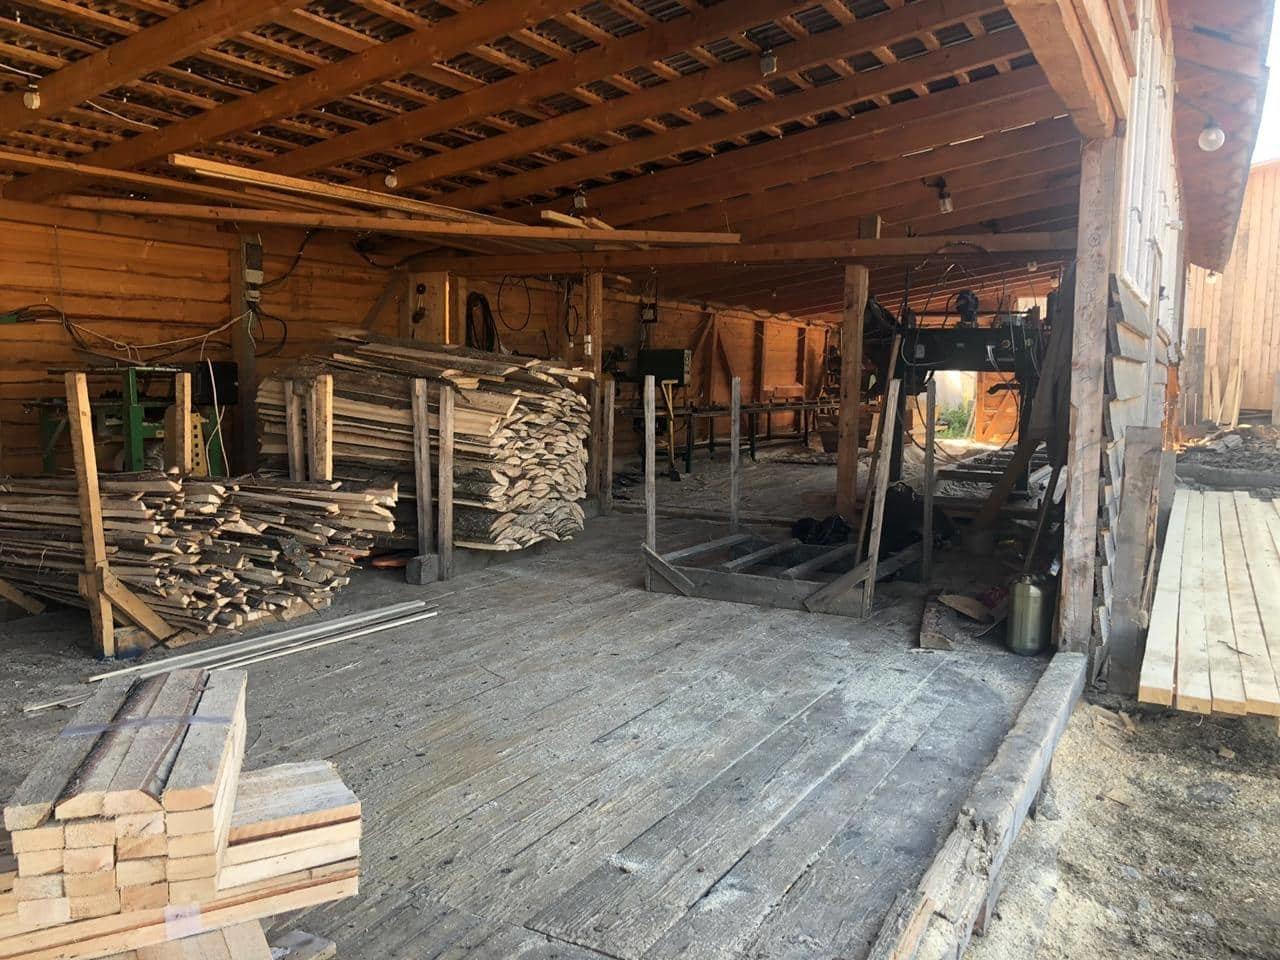 На Закарпатті СБУ викрило лісництво на розкраданні деревини - лісничому оголосили підозру (ФОТО), фото-3